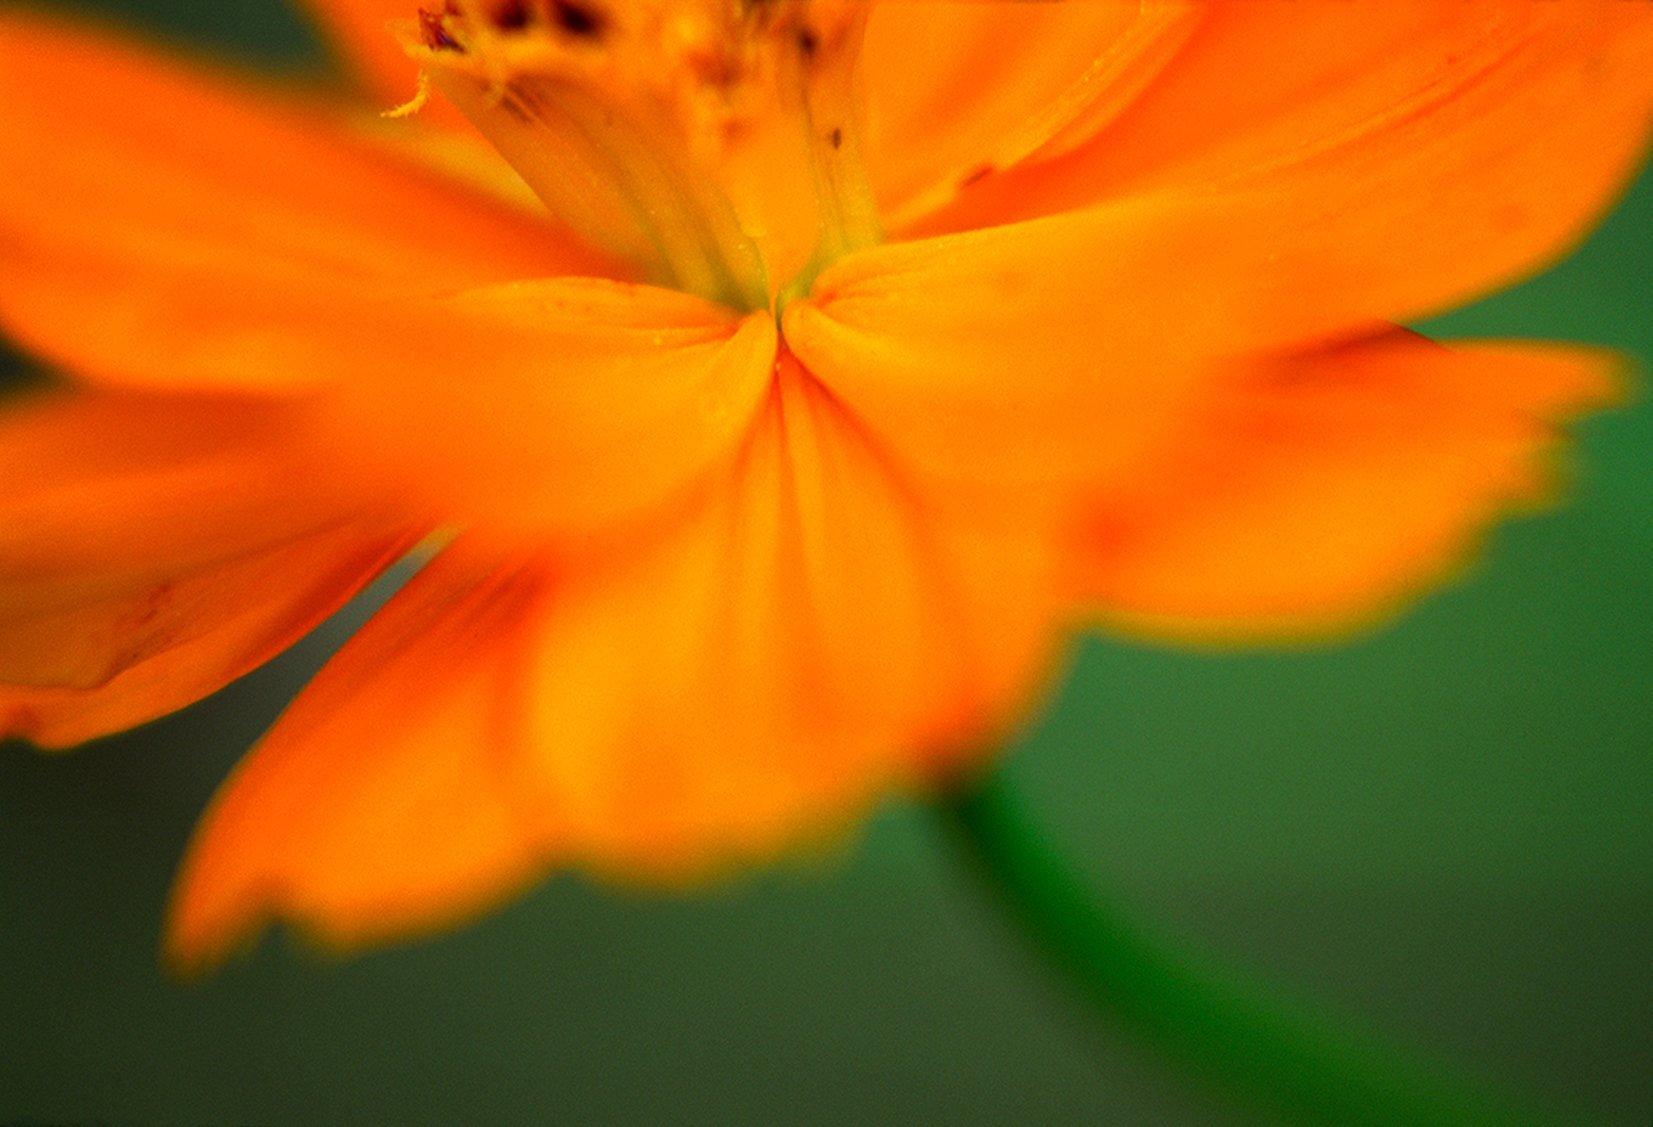 orange stem